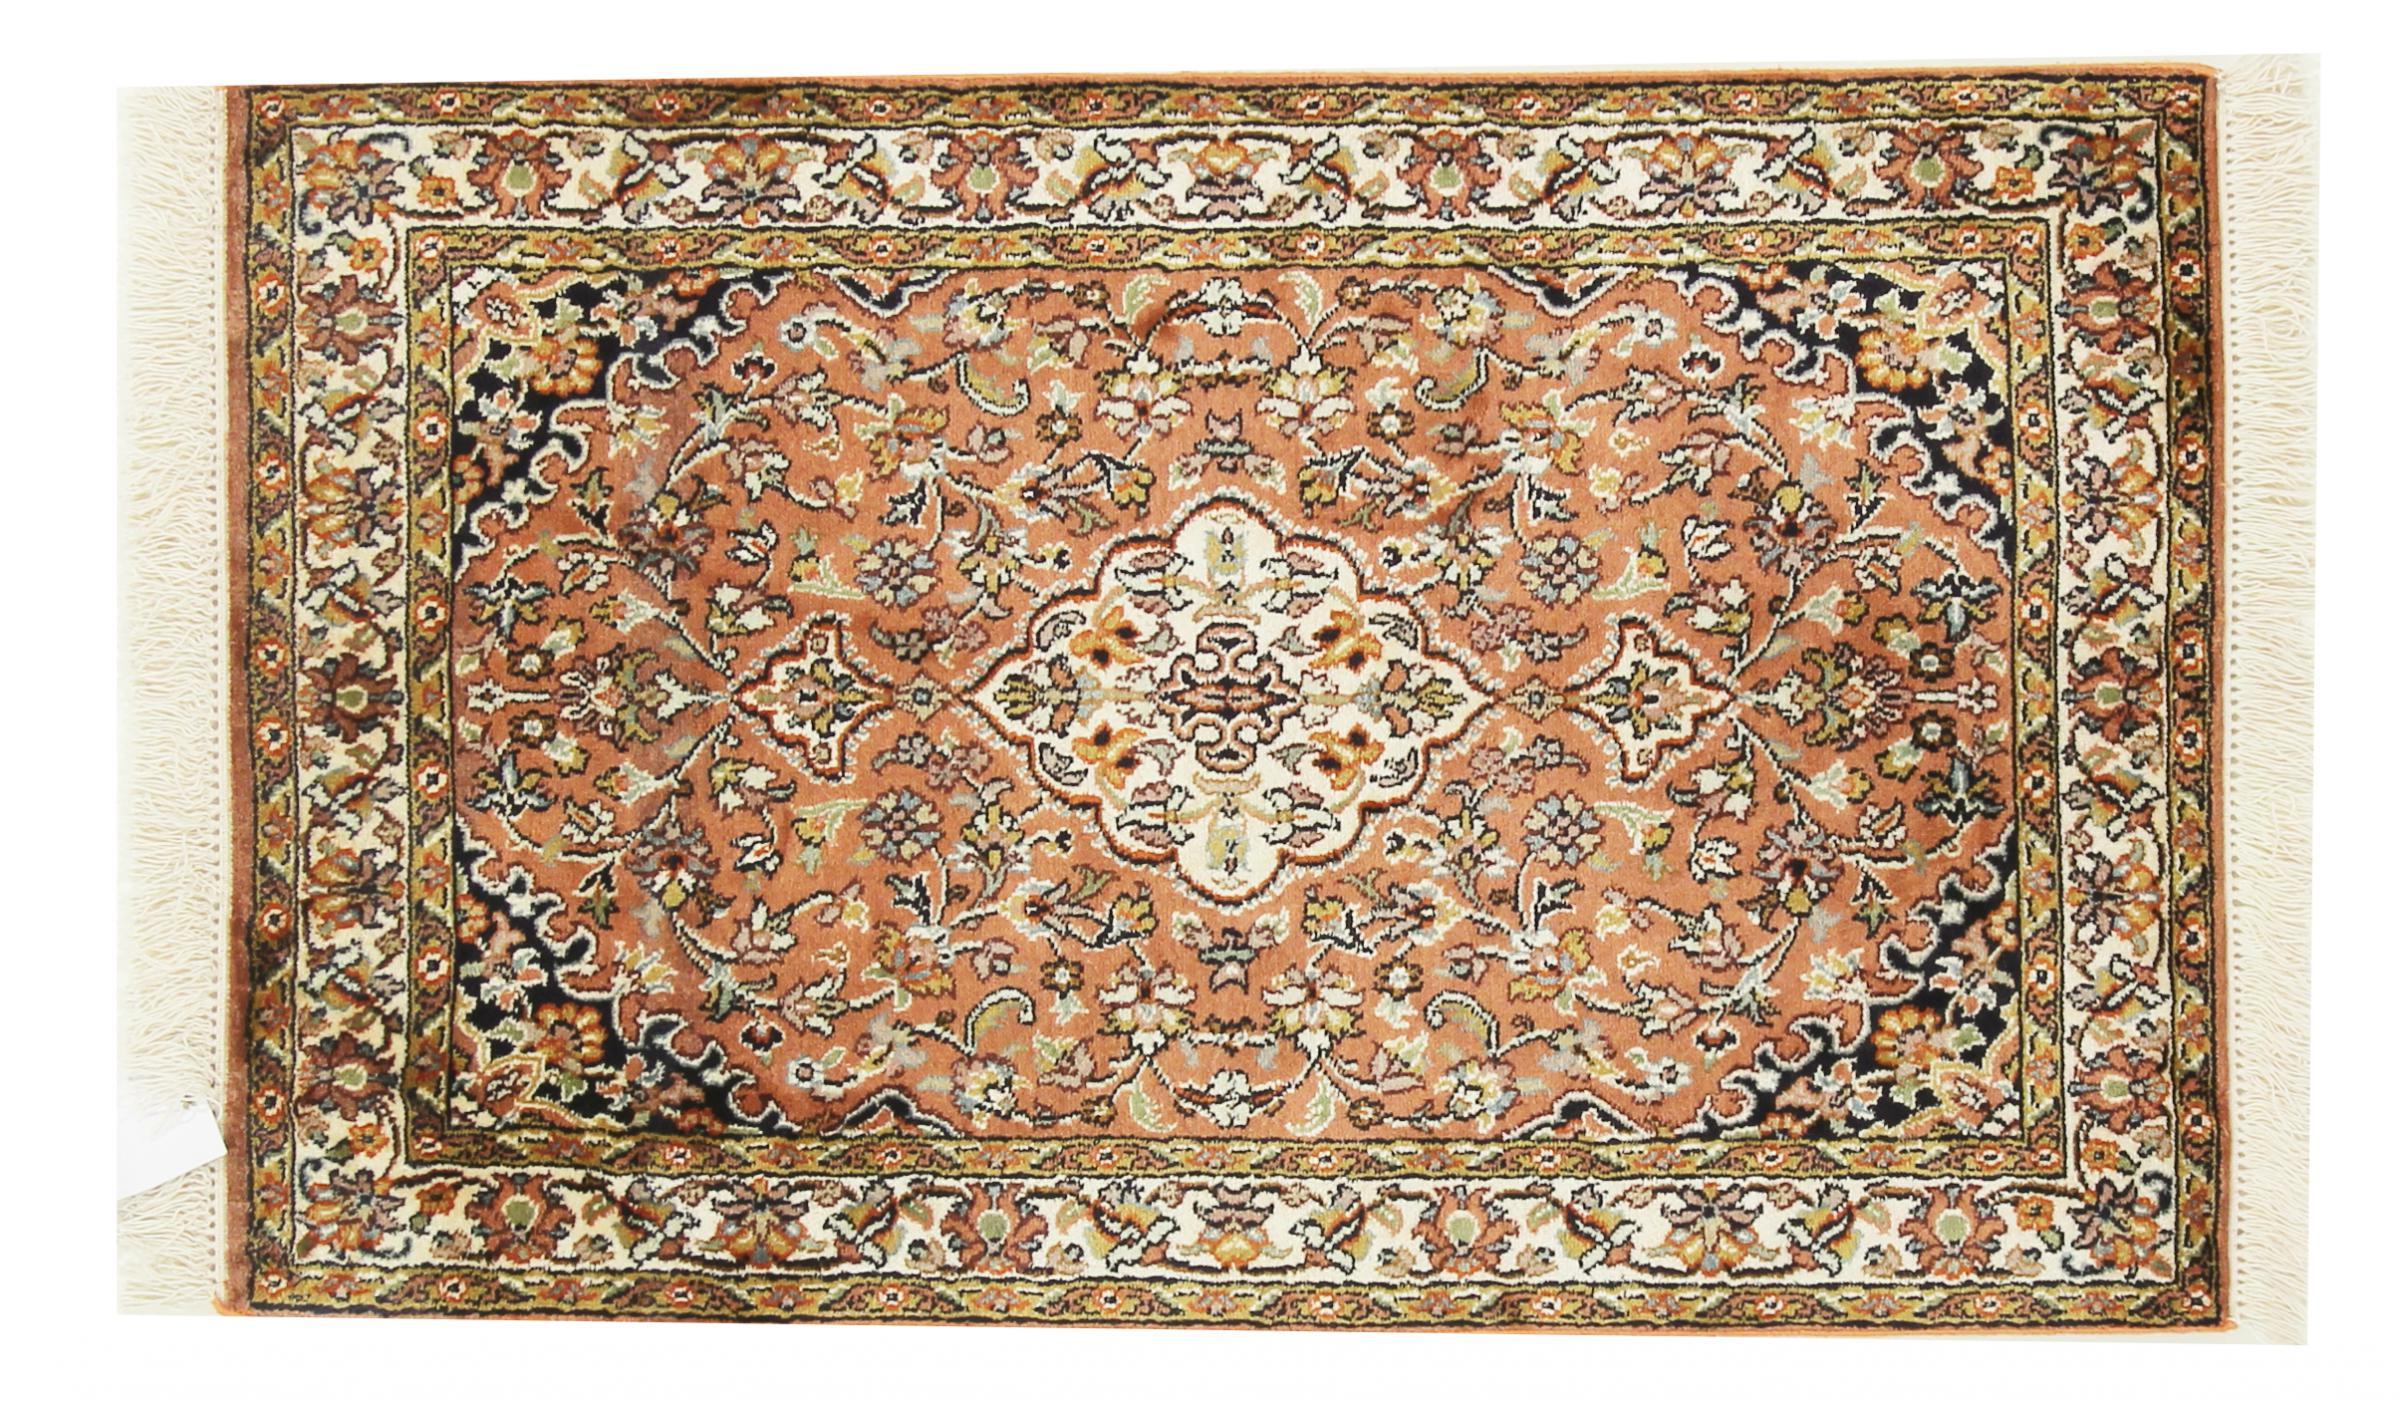 kaschmir reine seide indischer teppich 96x59 id33663. Black Bedroom Furniture Sets. Home Design Ideas